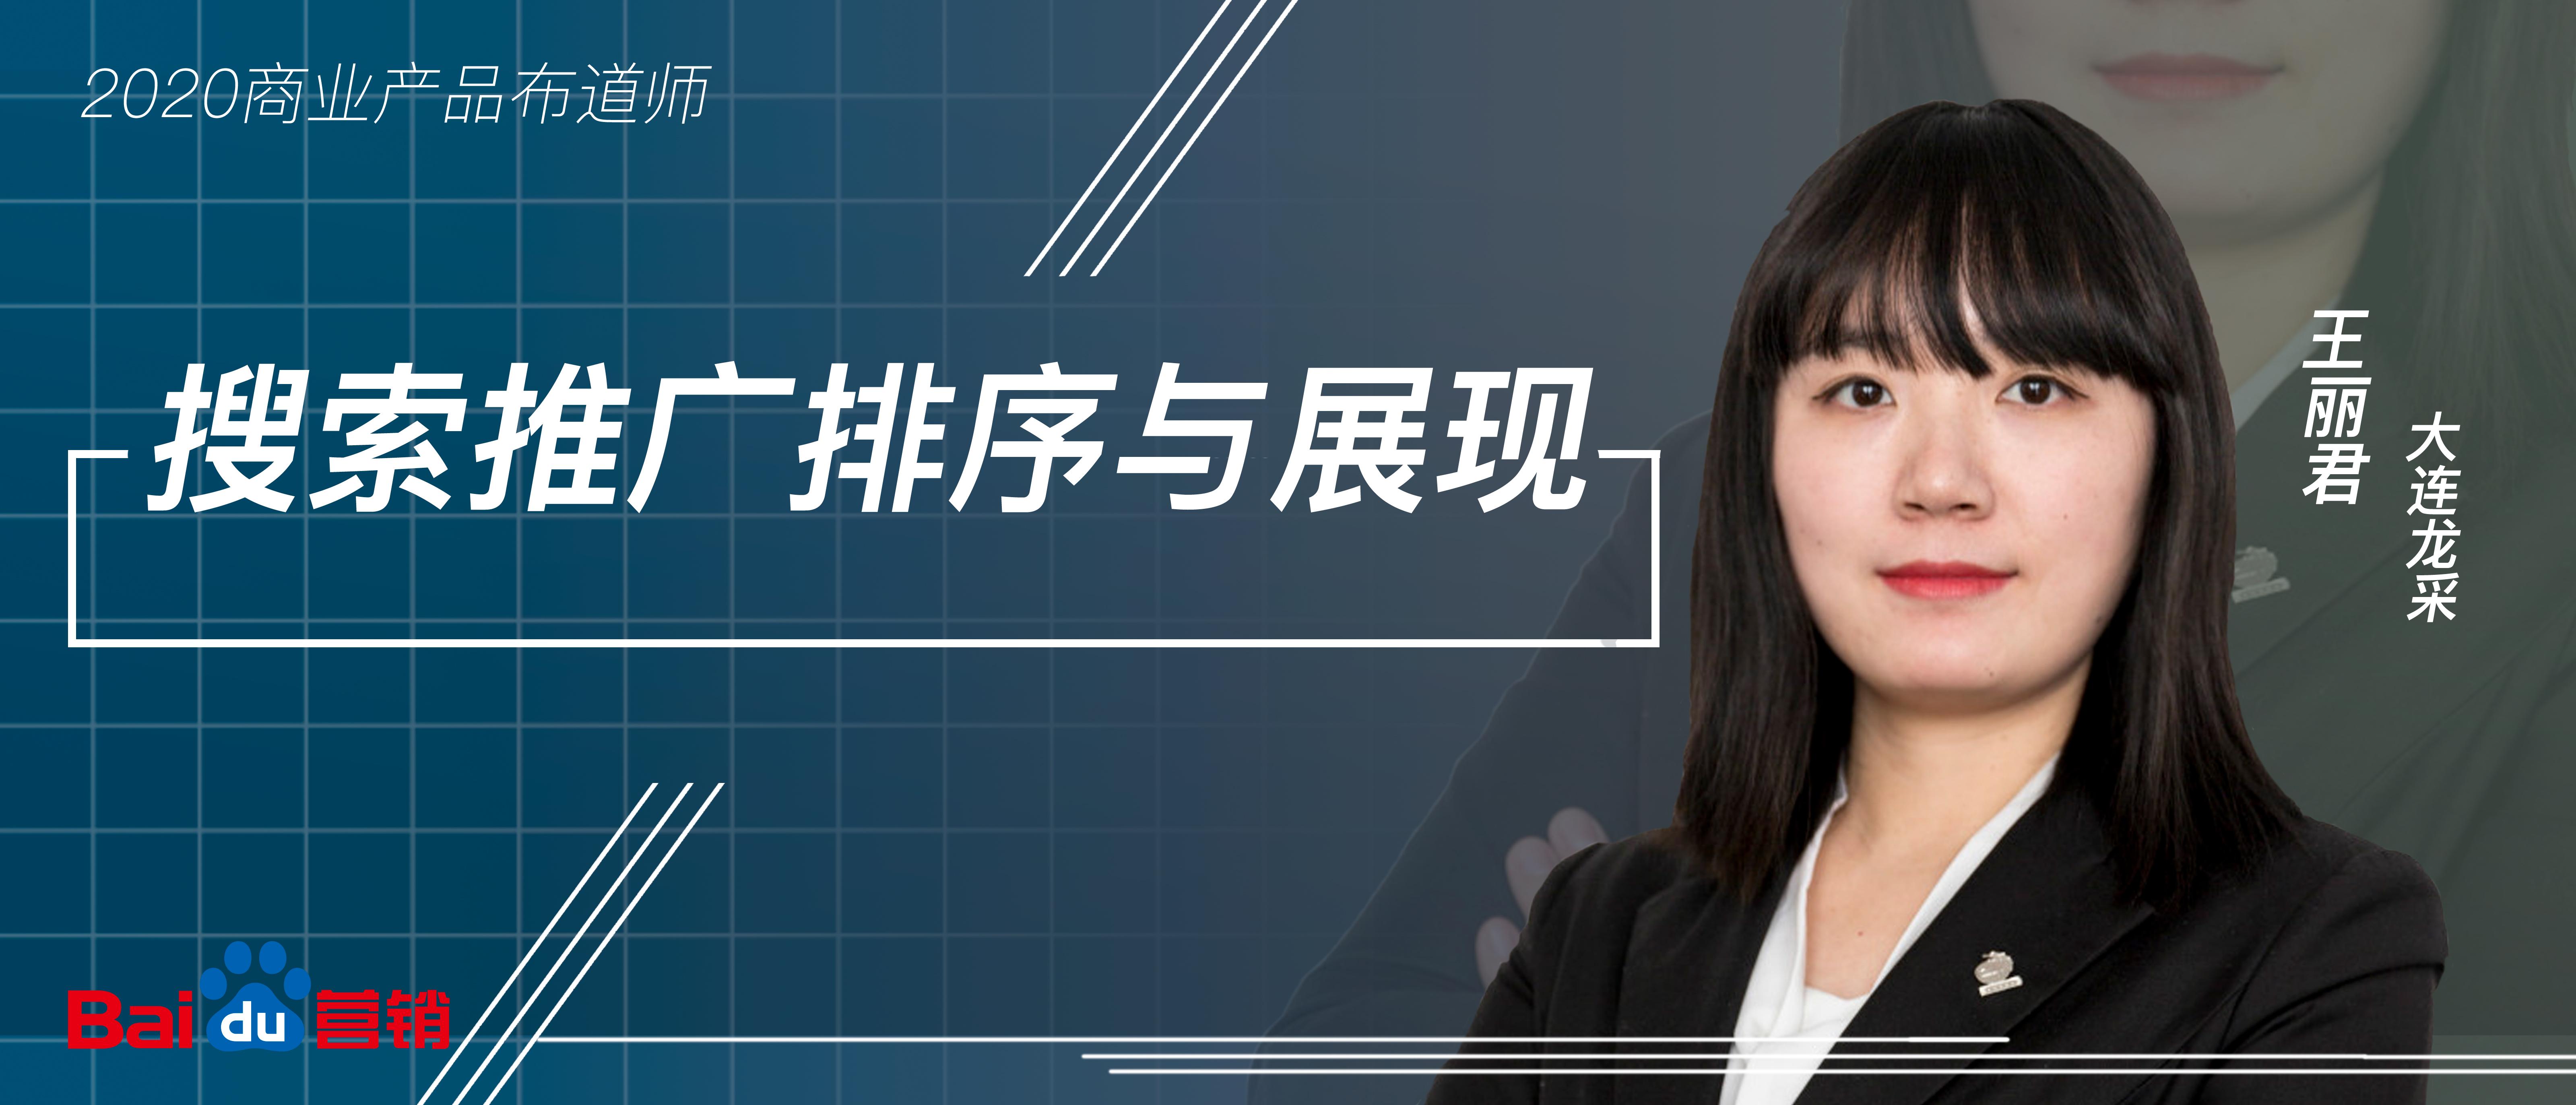 10 王丽君.jpg